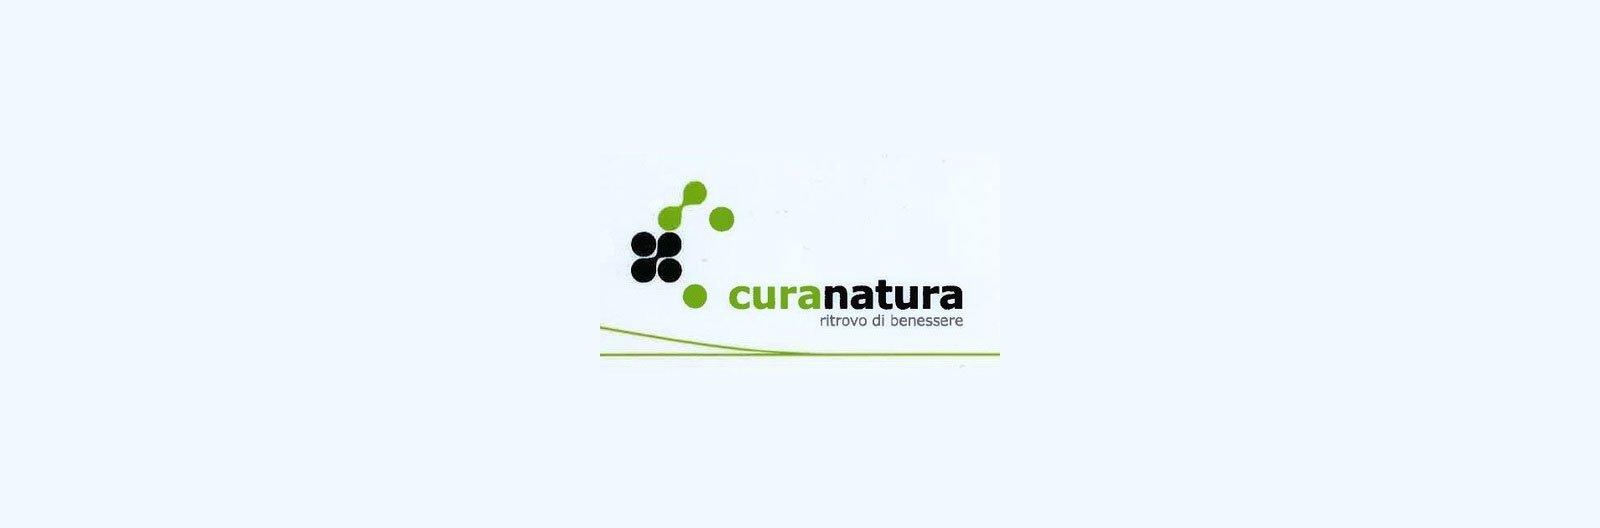 logo con scritto Curanatura ritrovo di benessere in color nero e verde